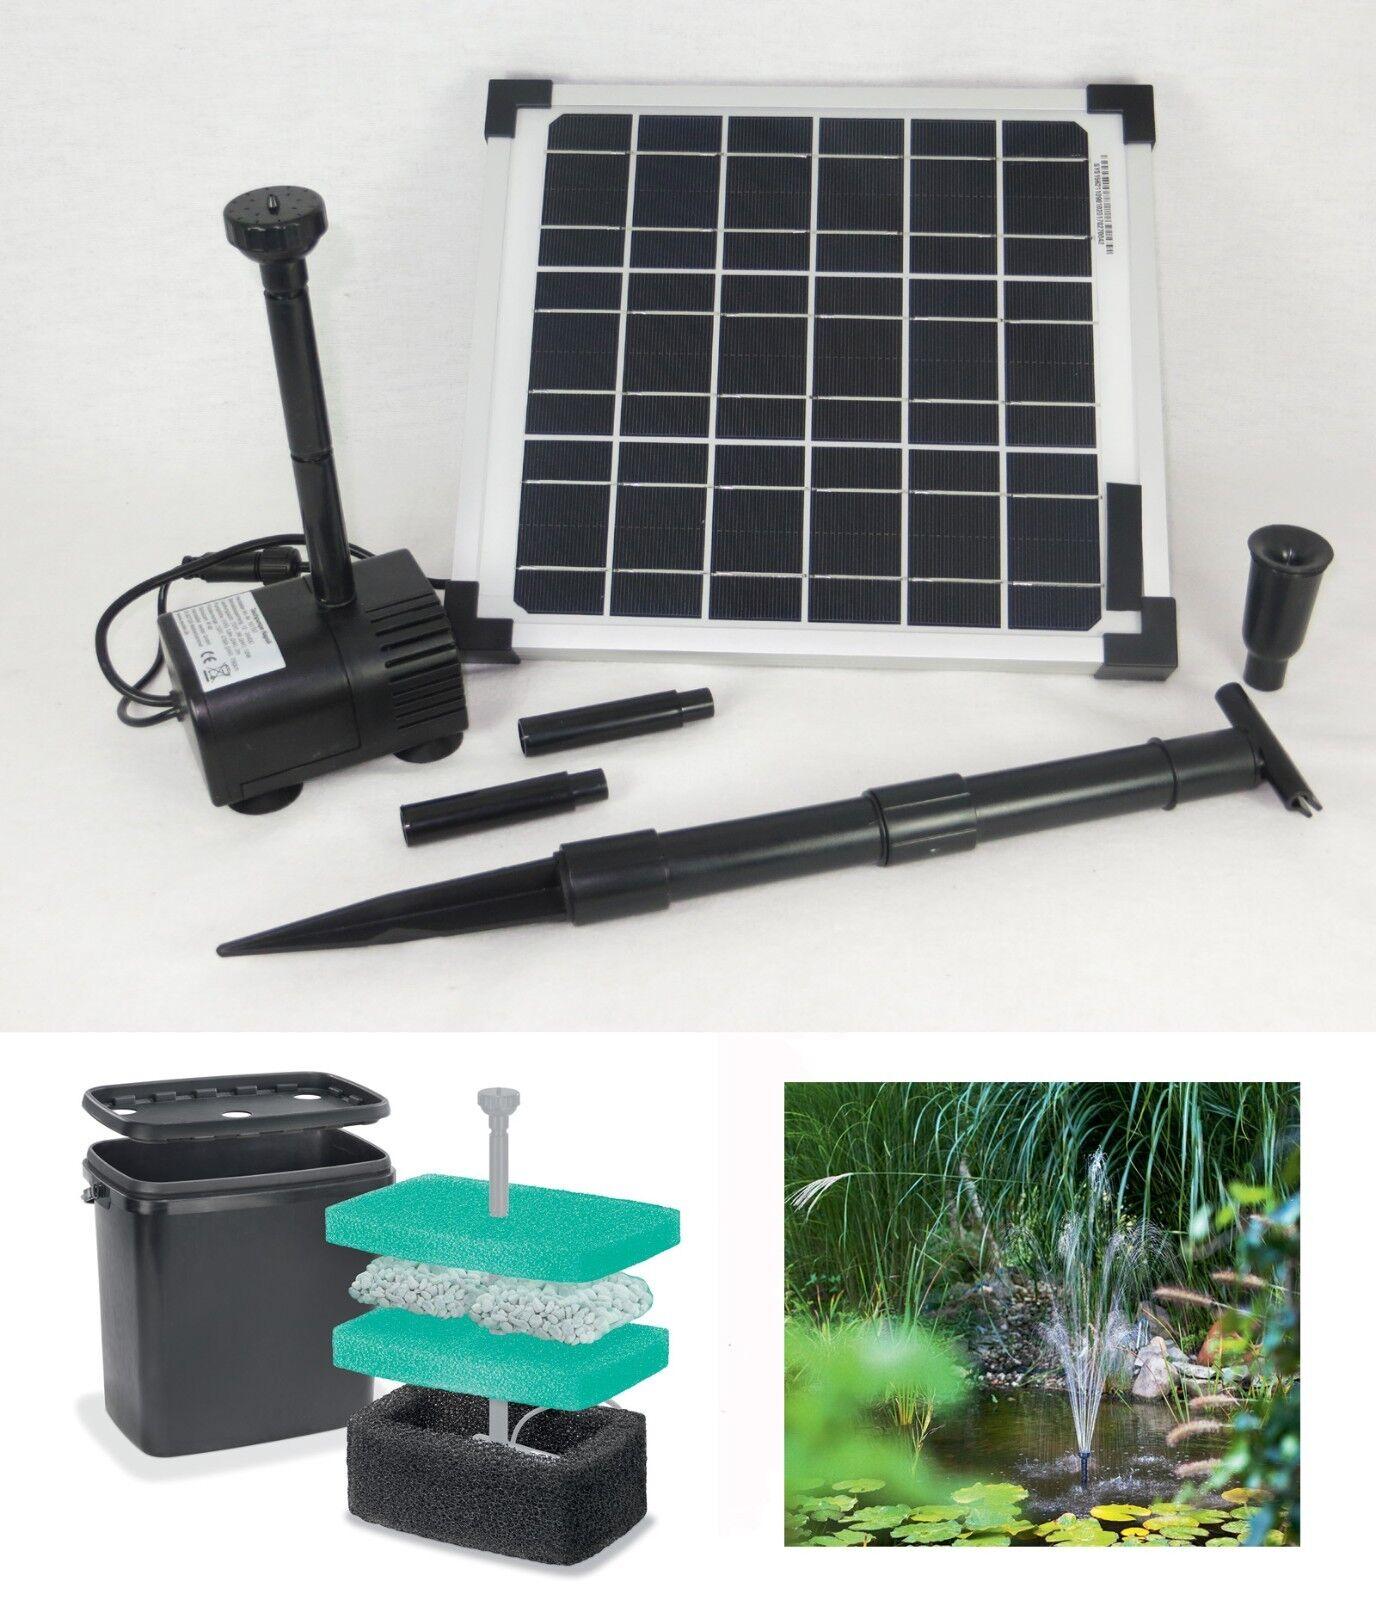 10 W jardín bomba estanque filtro filterbox solar bomba solar bomba estanque lote de Bach bomba